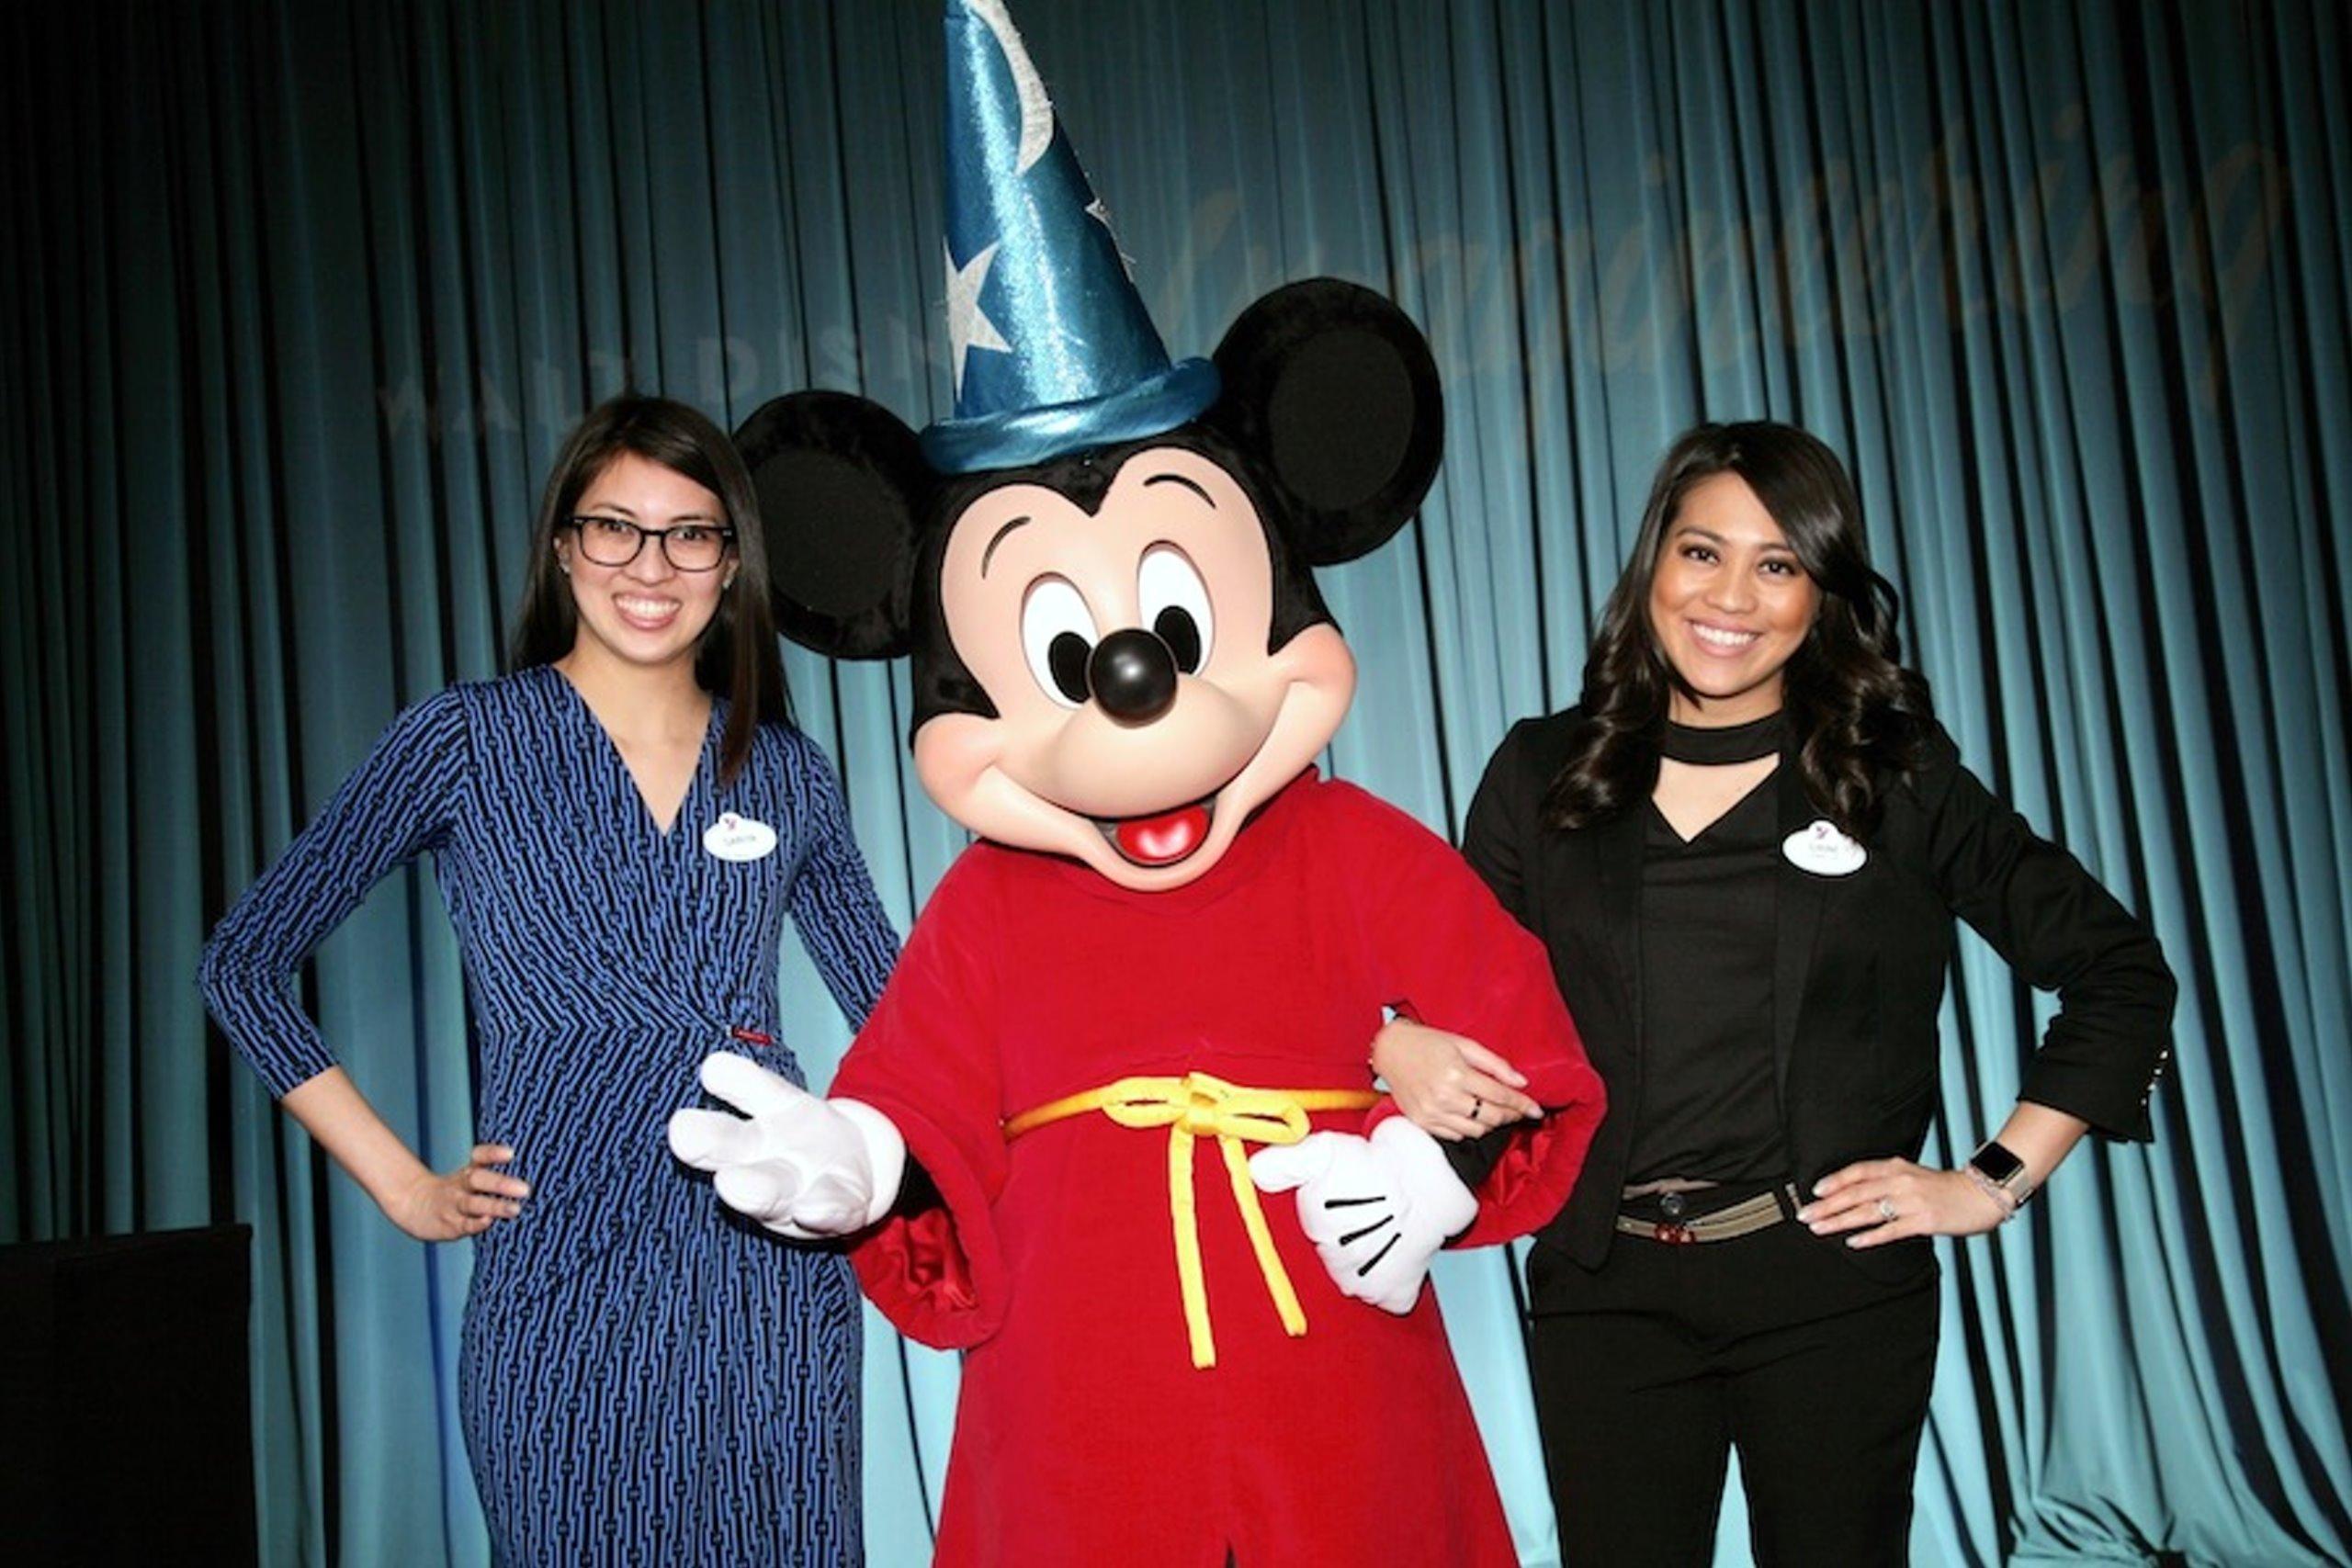 專欄系列報道:慶祝美國五月亞裔月——迪士尼夢想製造師姐妹從父親的事業中得到啟發